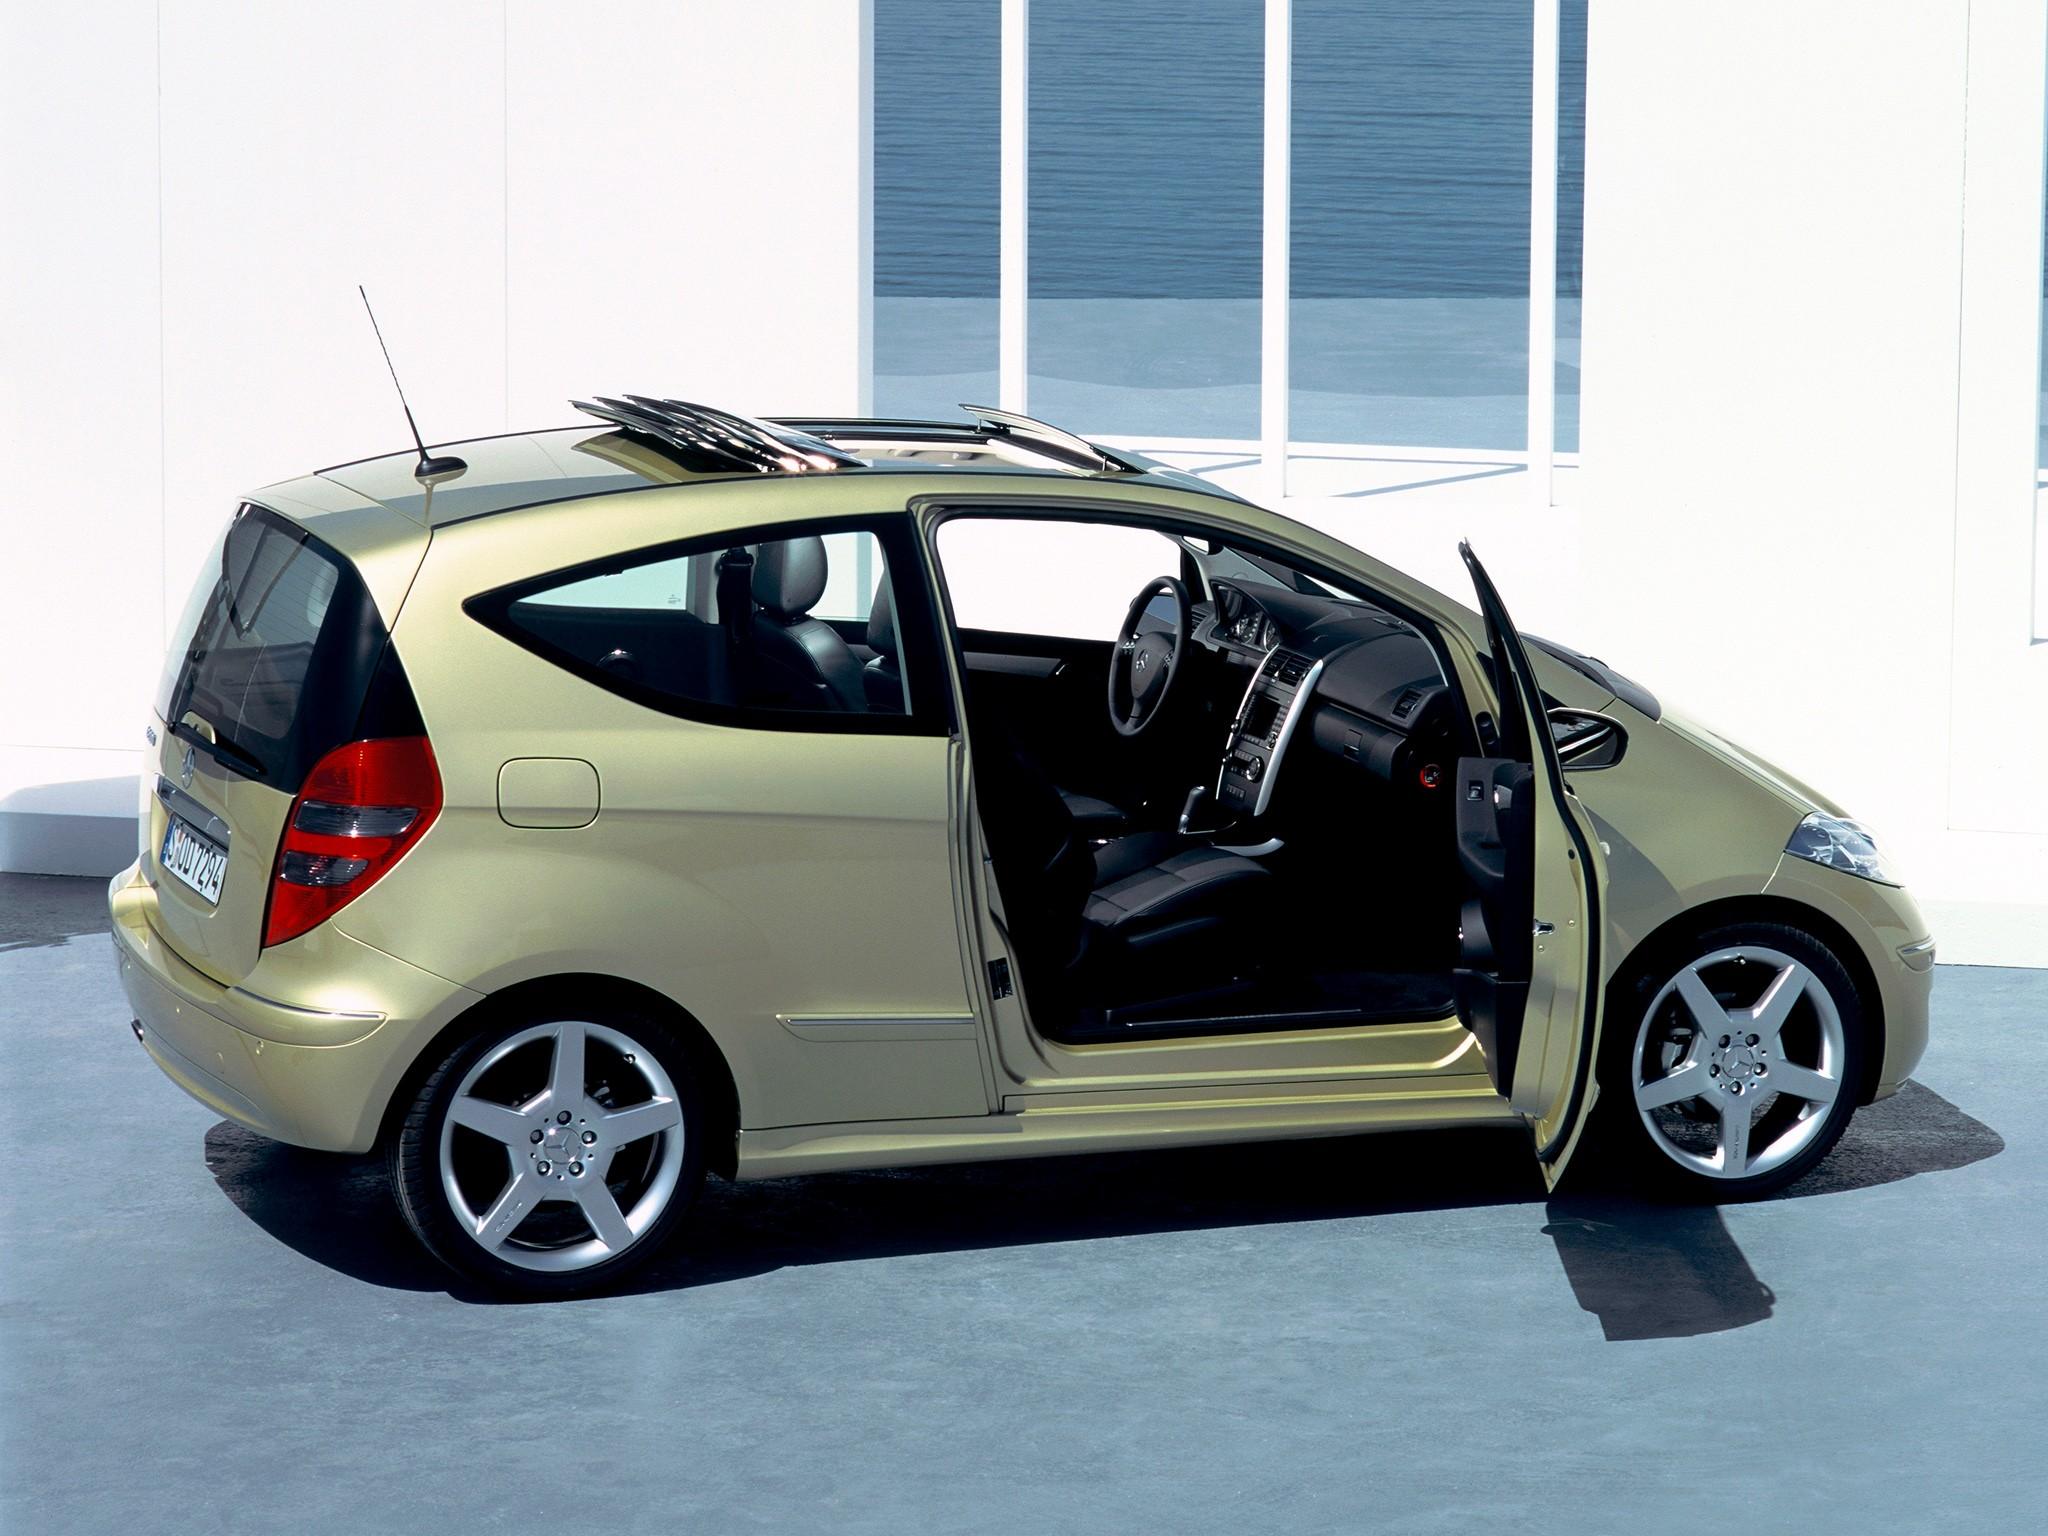 mercedes benz a klasse 3 doors w169 specs 2004 2005. Black Bedroom Furniture Sets. Home Design Ideas